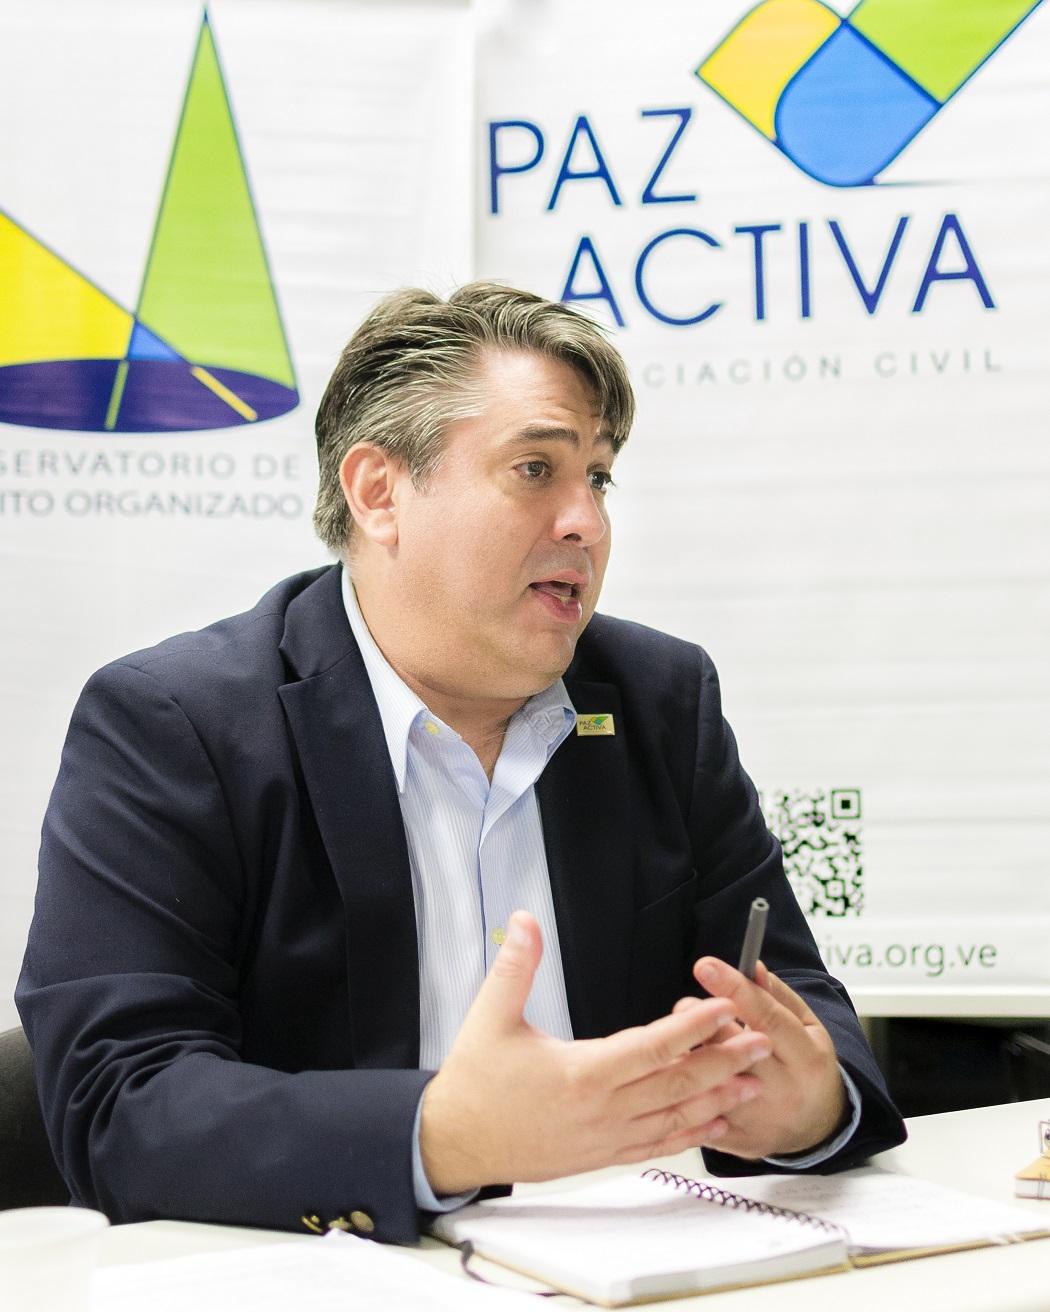 """Luis Cedeño: """"El Déficit De Oportunidades Ha Colocado A Muchos Jóvenes En Riesgo De Entrar En Patrones De Violencia"""""""